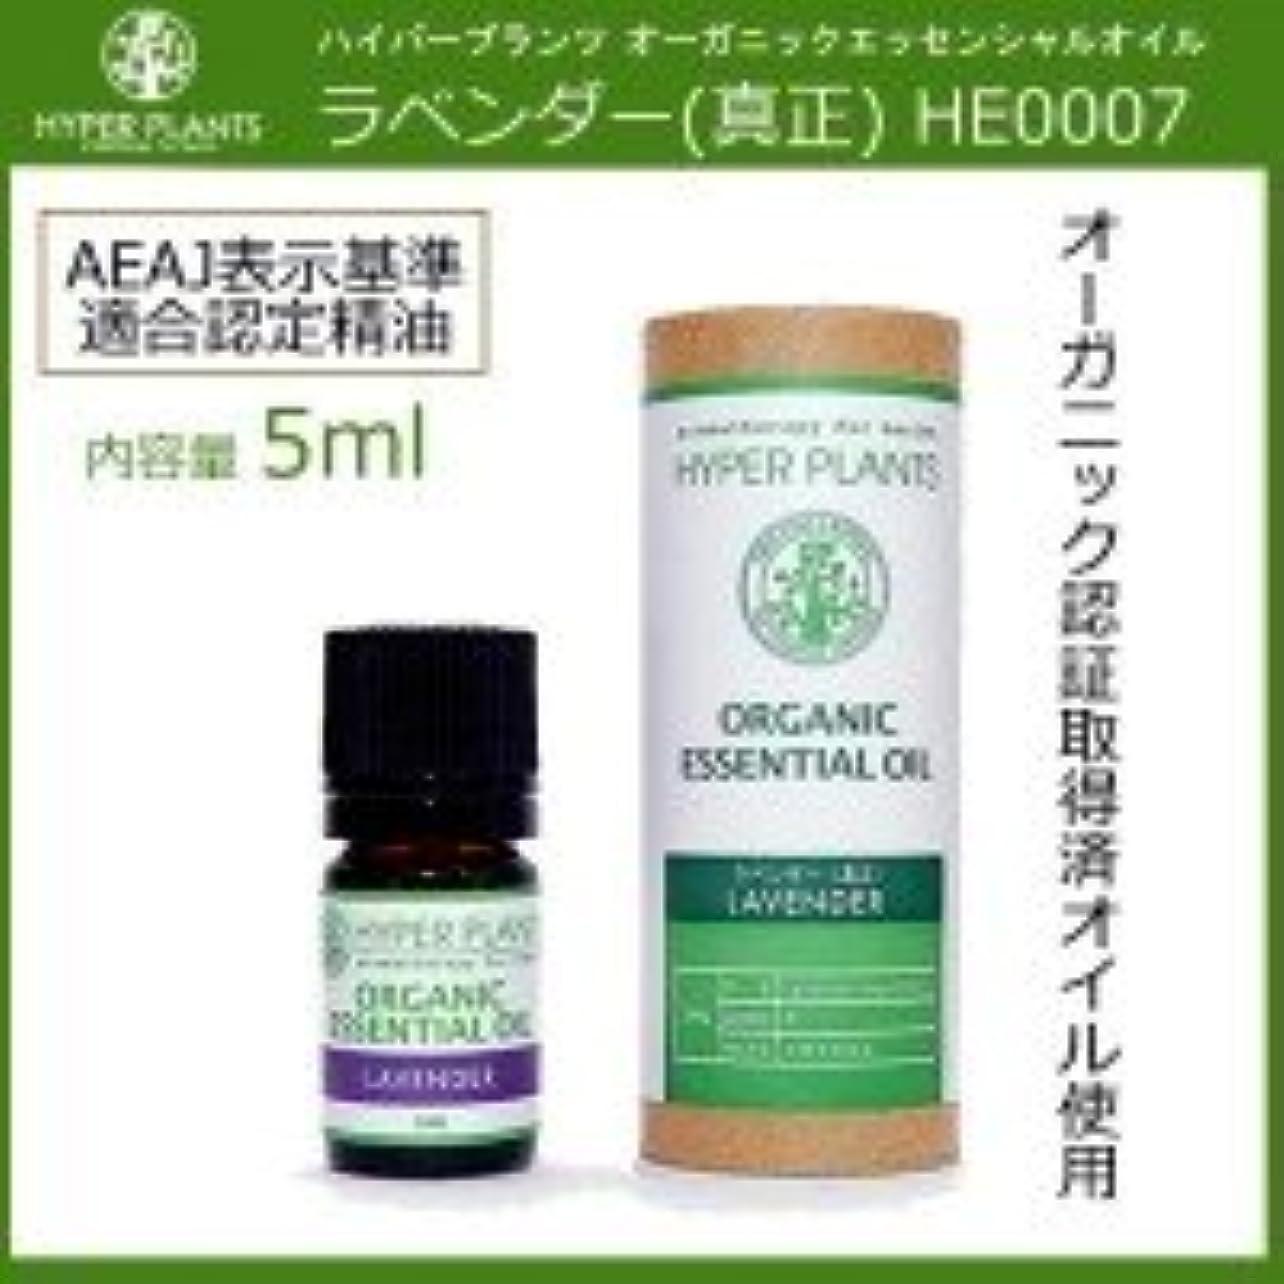 牧師小川たくさんHYPER PLANTS ハイパープランツ オーガニックエッセンシャルオイル ラベンダー(真正) 5ml HE0007